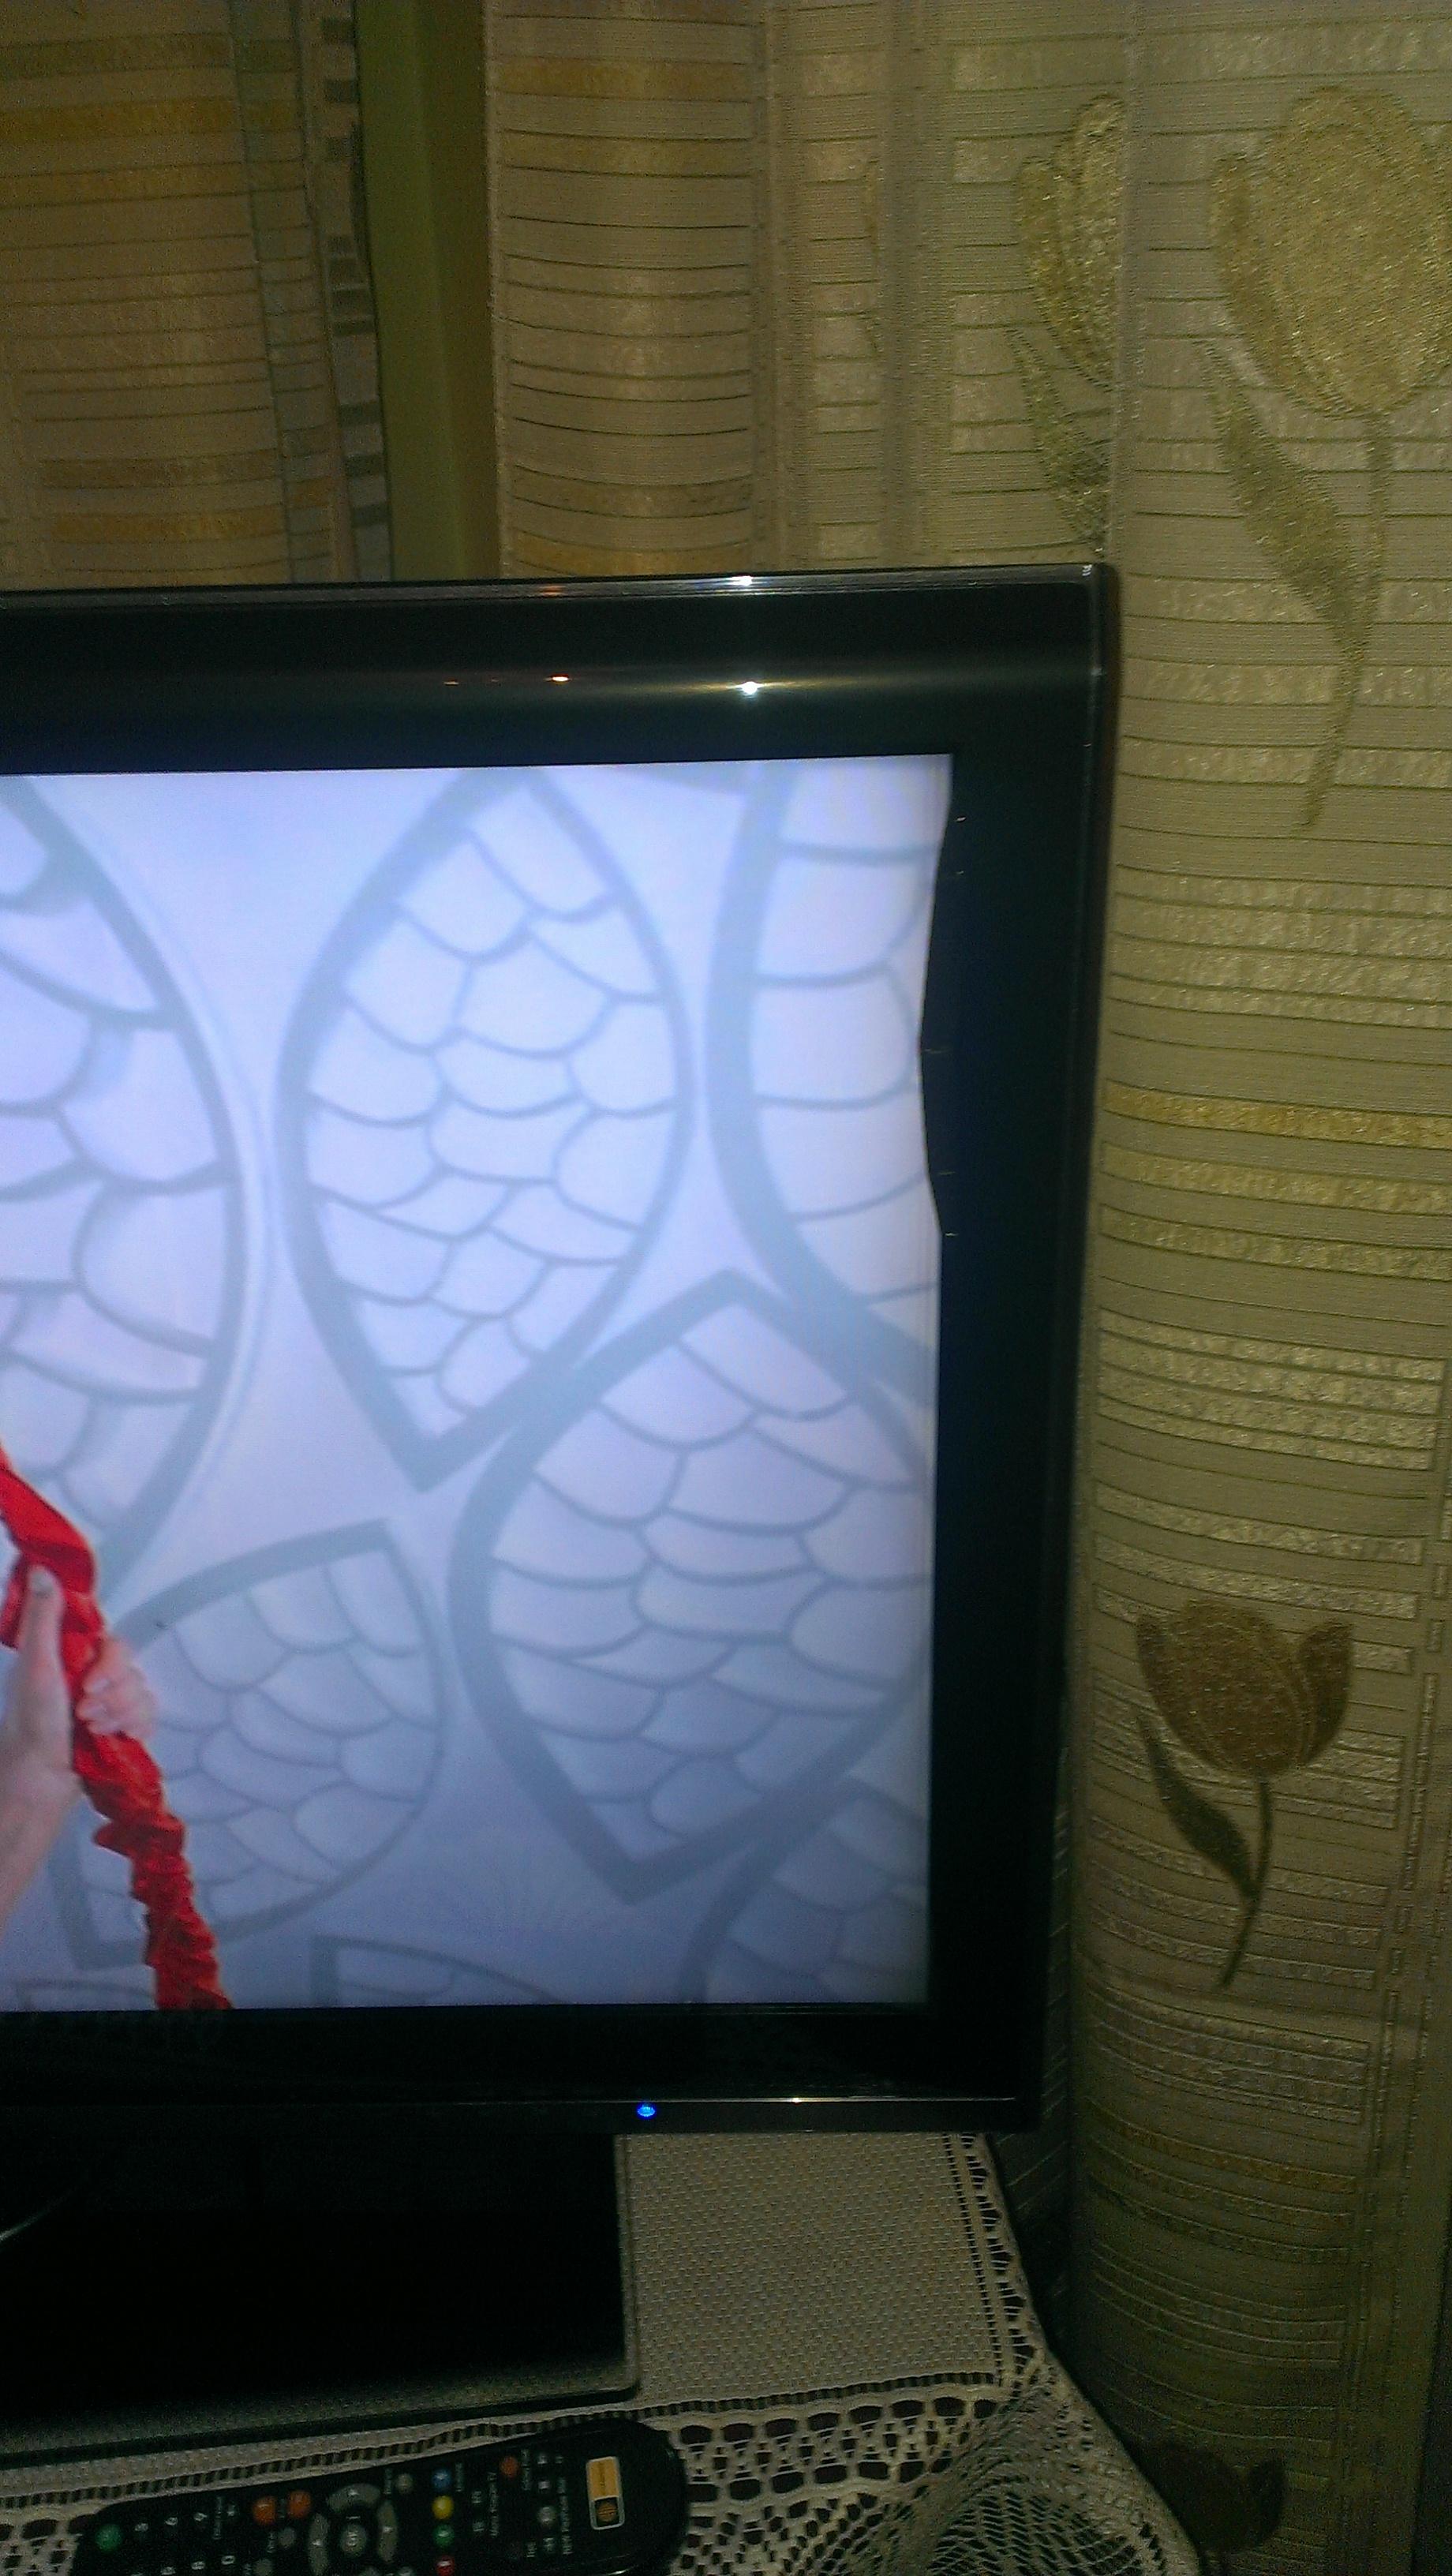 LG 32SL8000 - Dziwne wybrzuszenie z boku ekranu